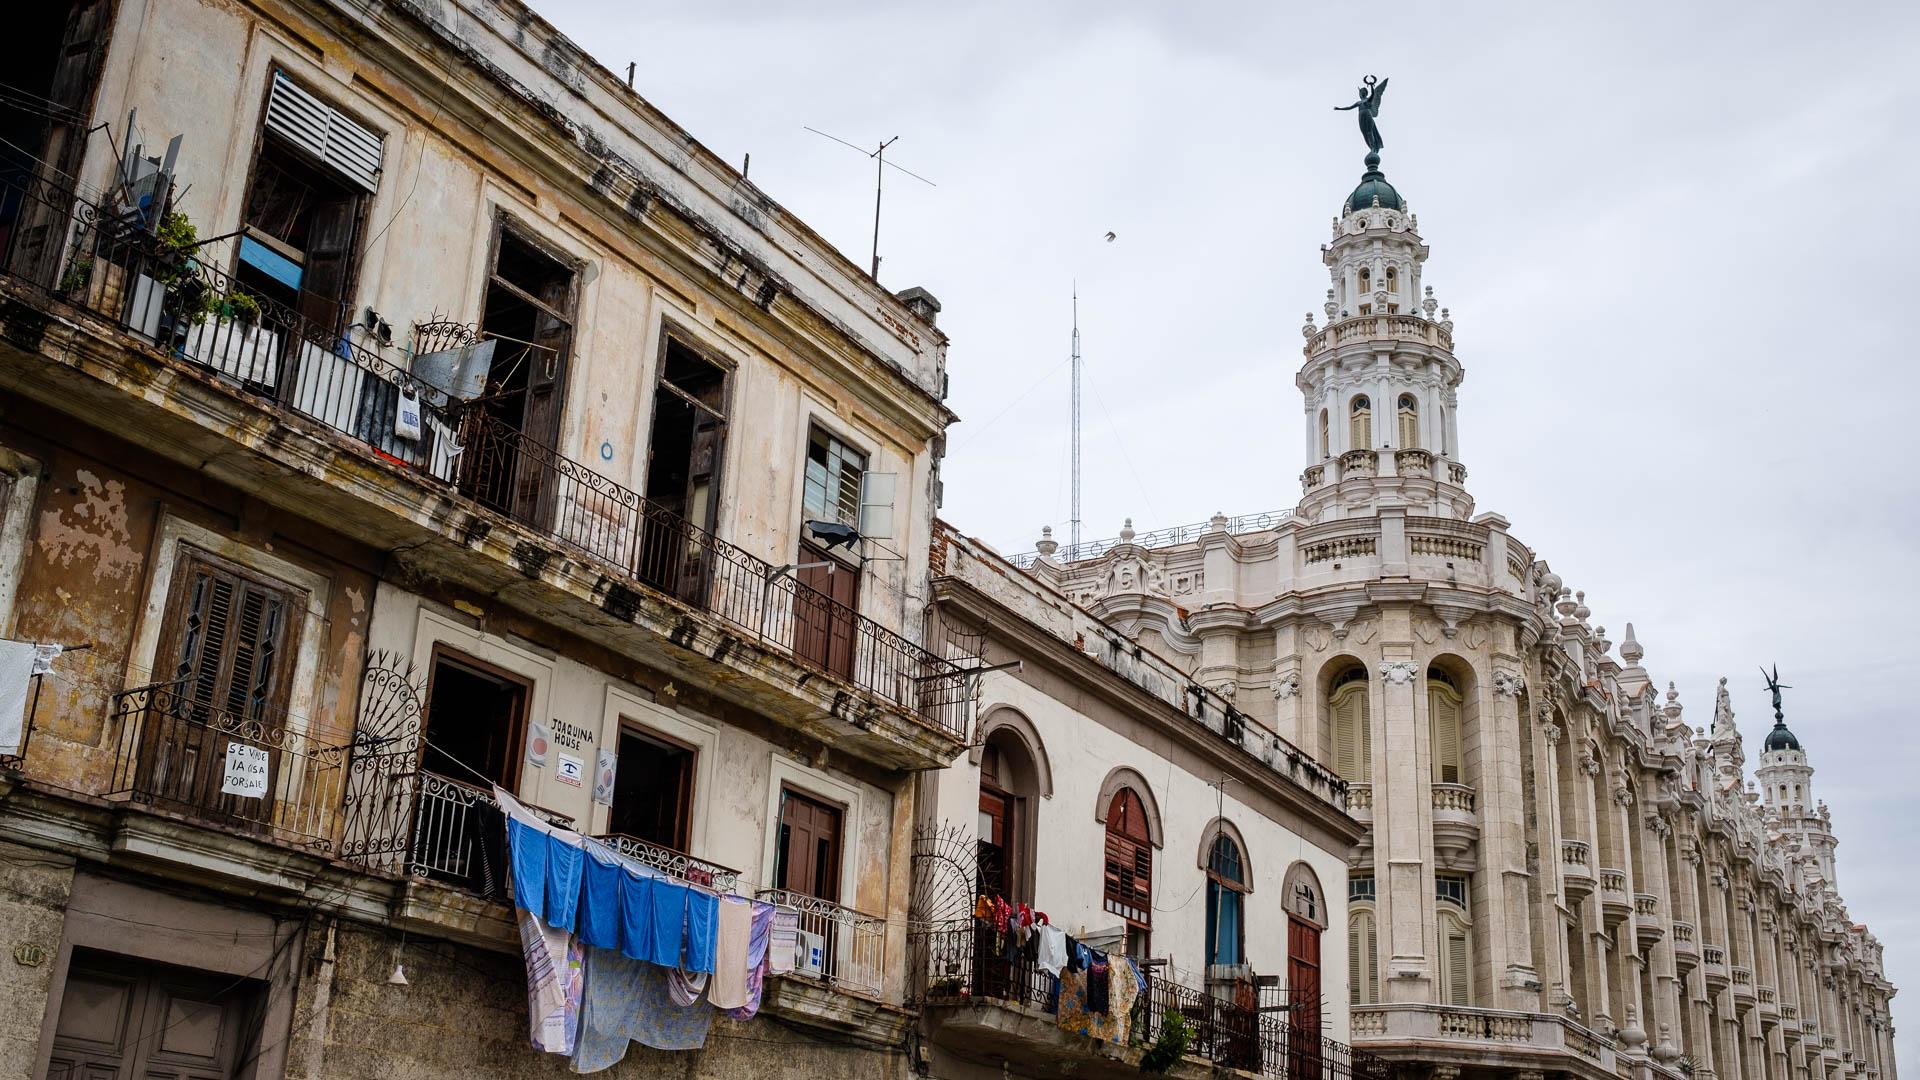 180427-Havana-81-1080.jpg